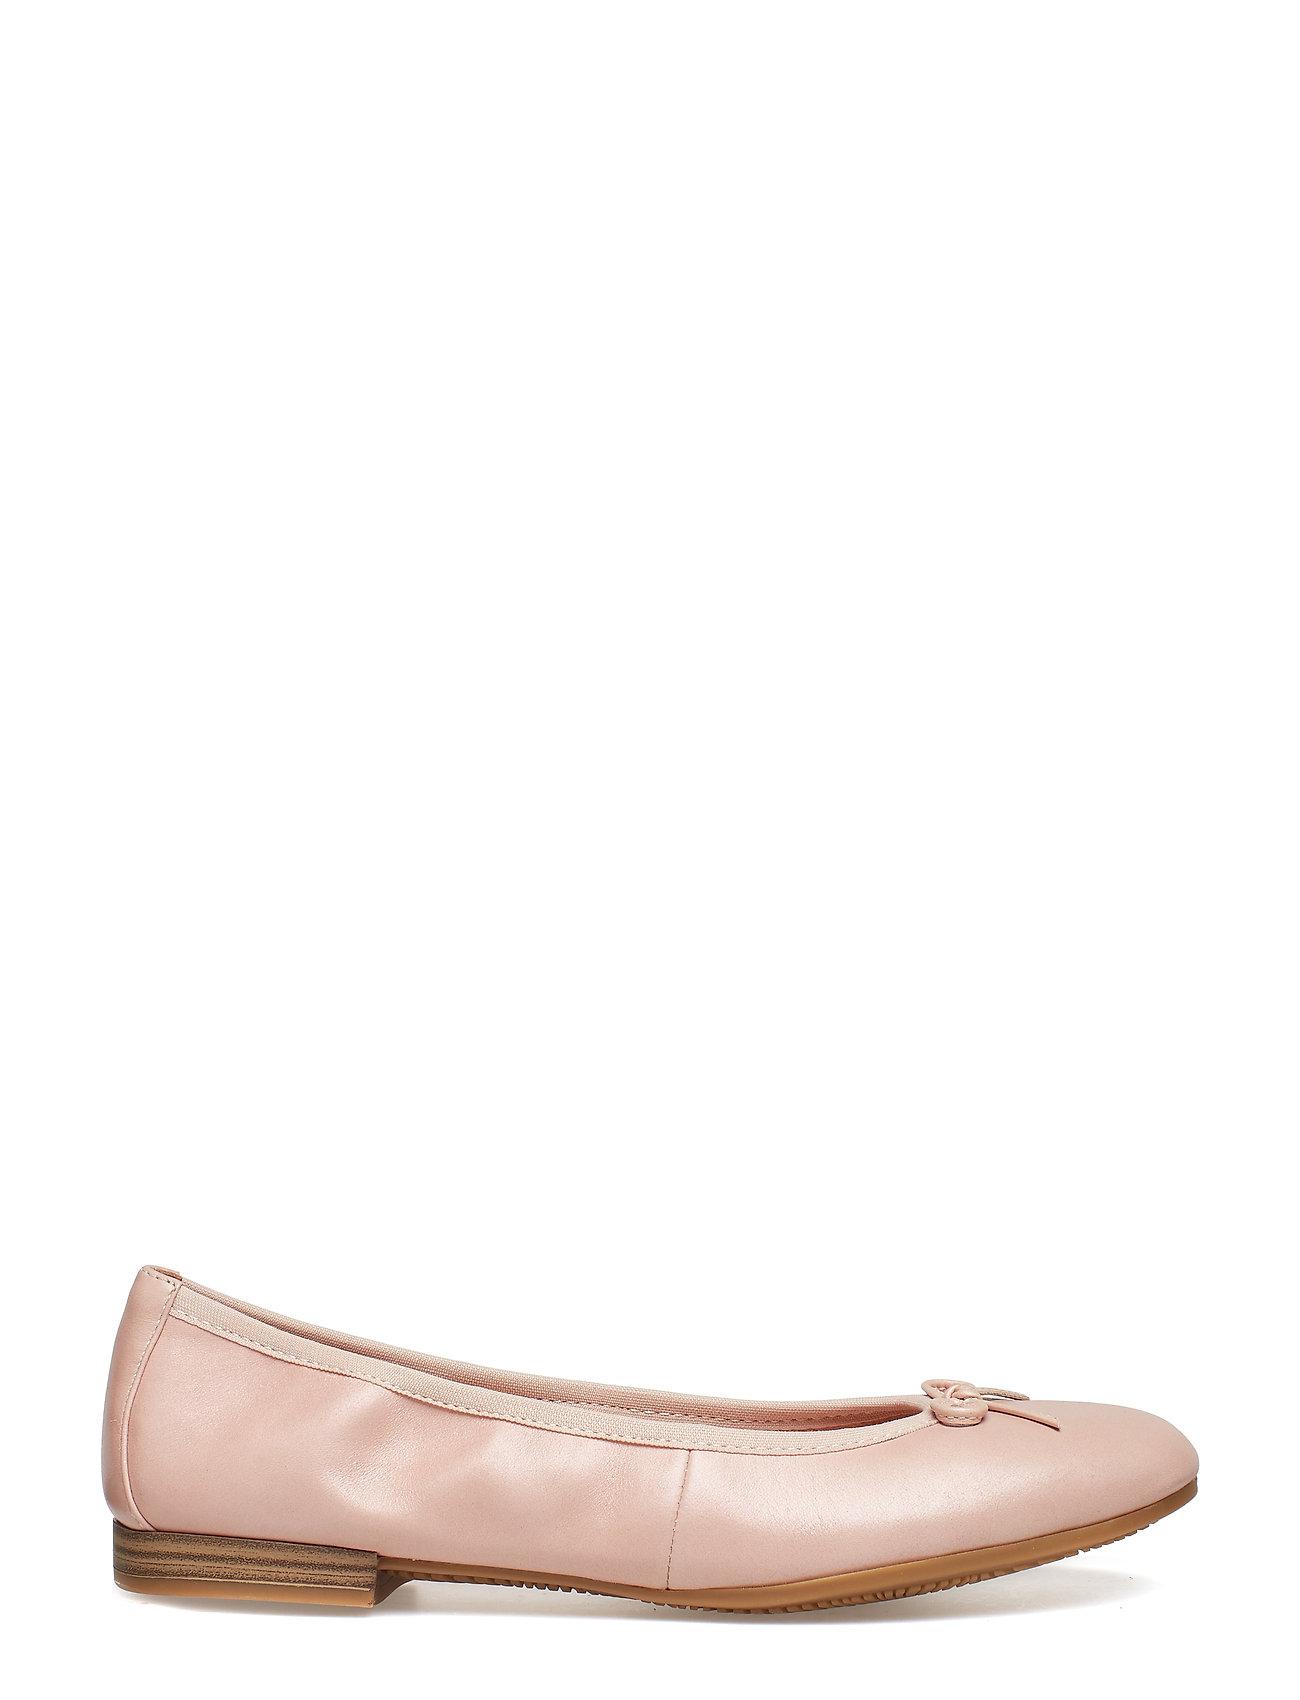 Udsalgs sko og ballerinaer gør et godt køb